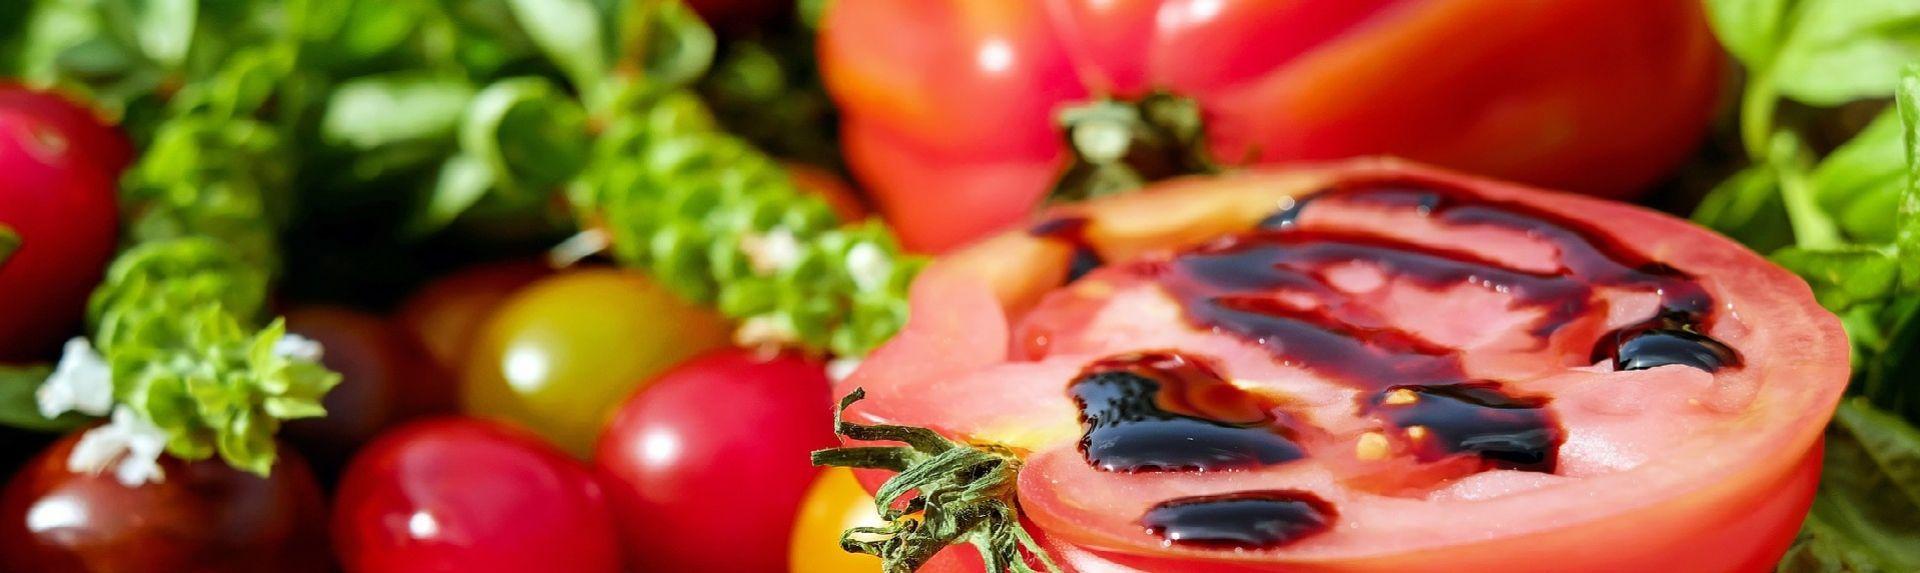 Женские витамины при планировании беременности